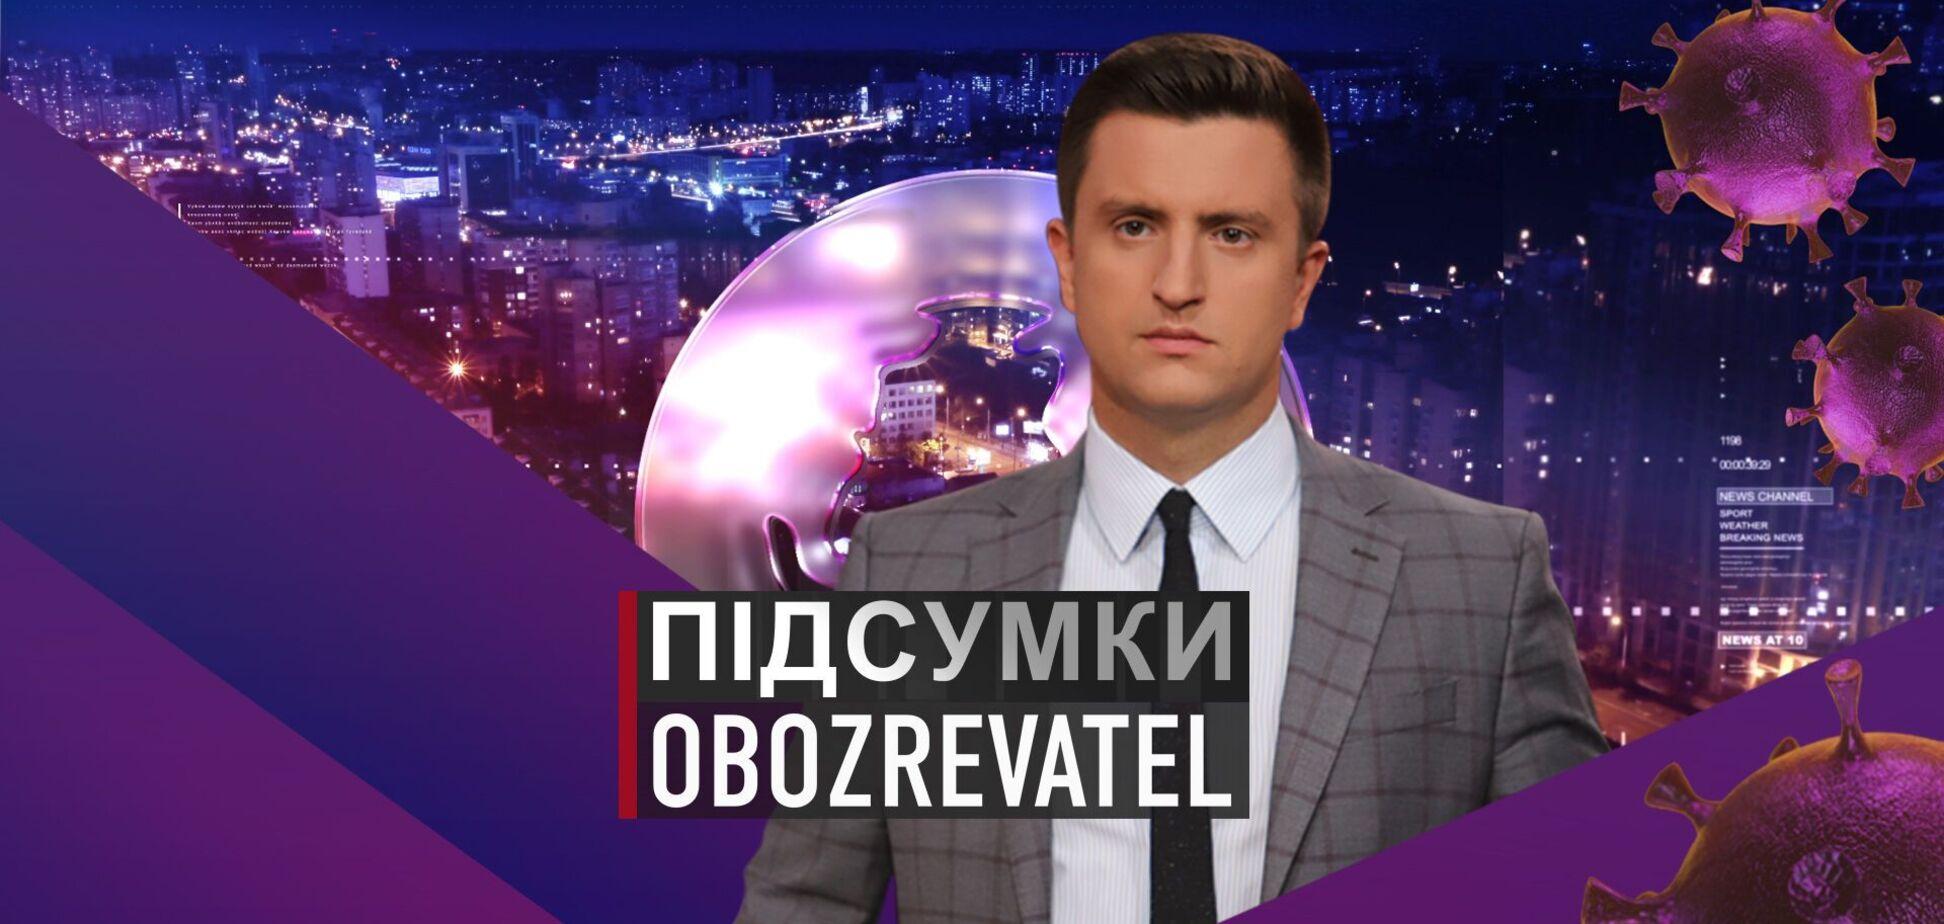 Підсумки с Вадимом Колодийчуком. Пятница, 23 апреля